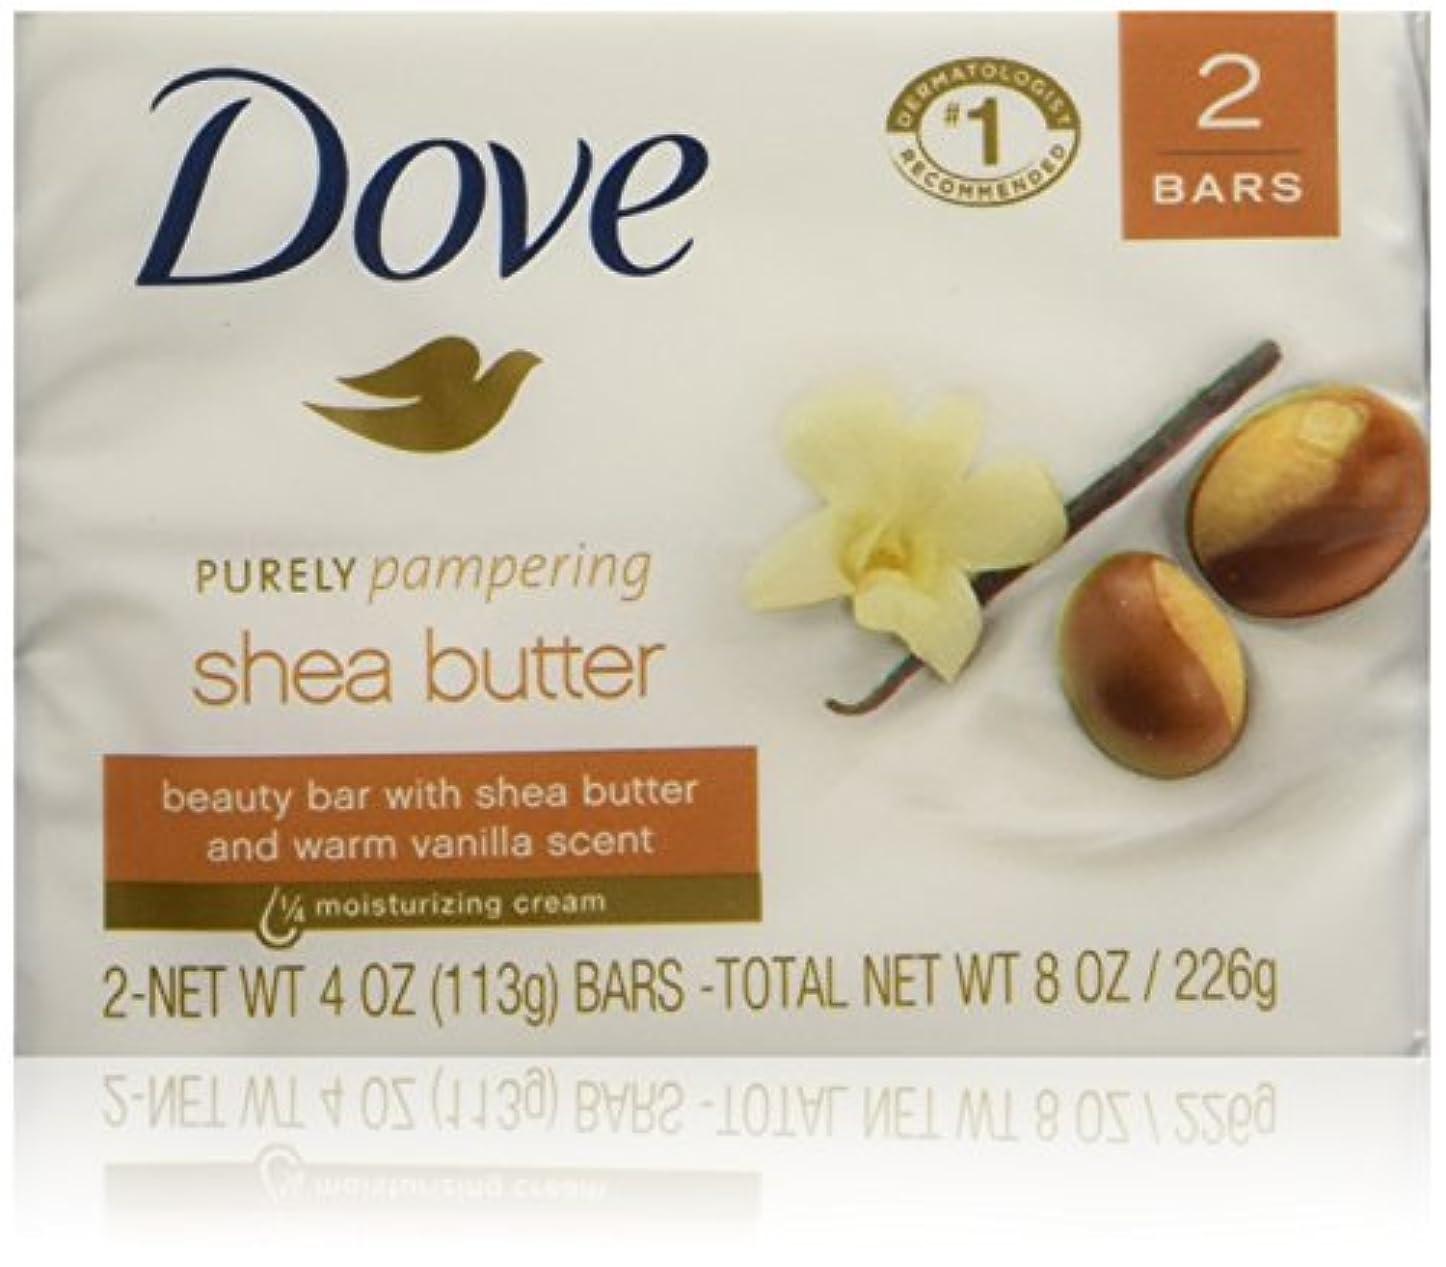 悲惨な率直なバトルDove Nourishing Care Shea Butter Moisturizing Cream Beauty Bar 2-Count 120 g Soap by Dove